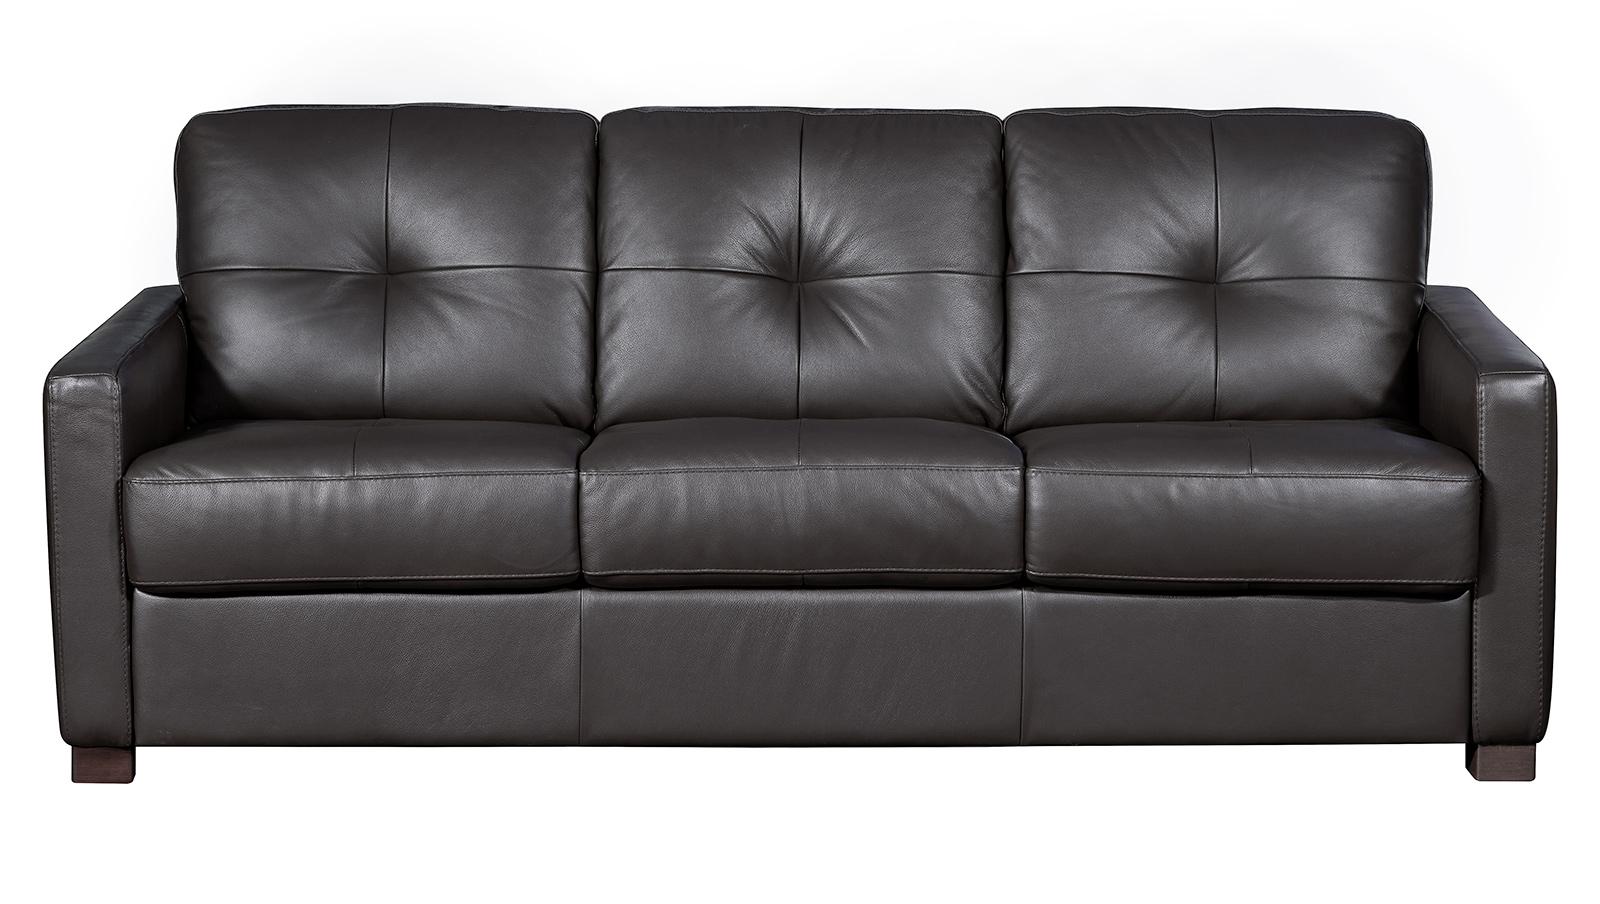 Italy Charcoal Queen Sleeper Sofa